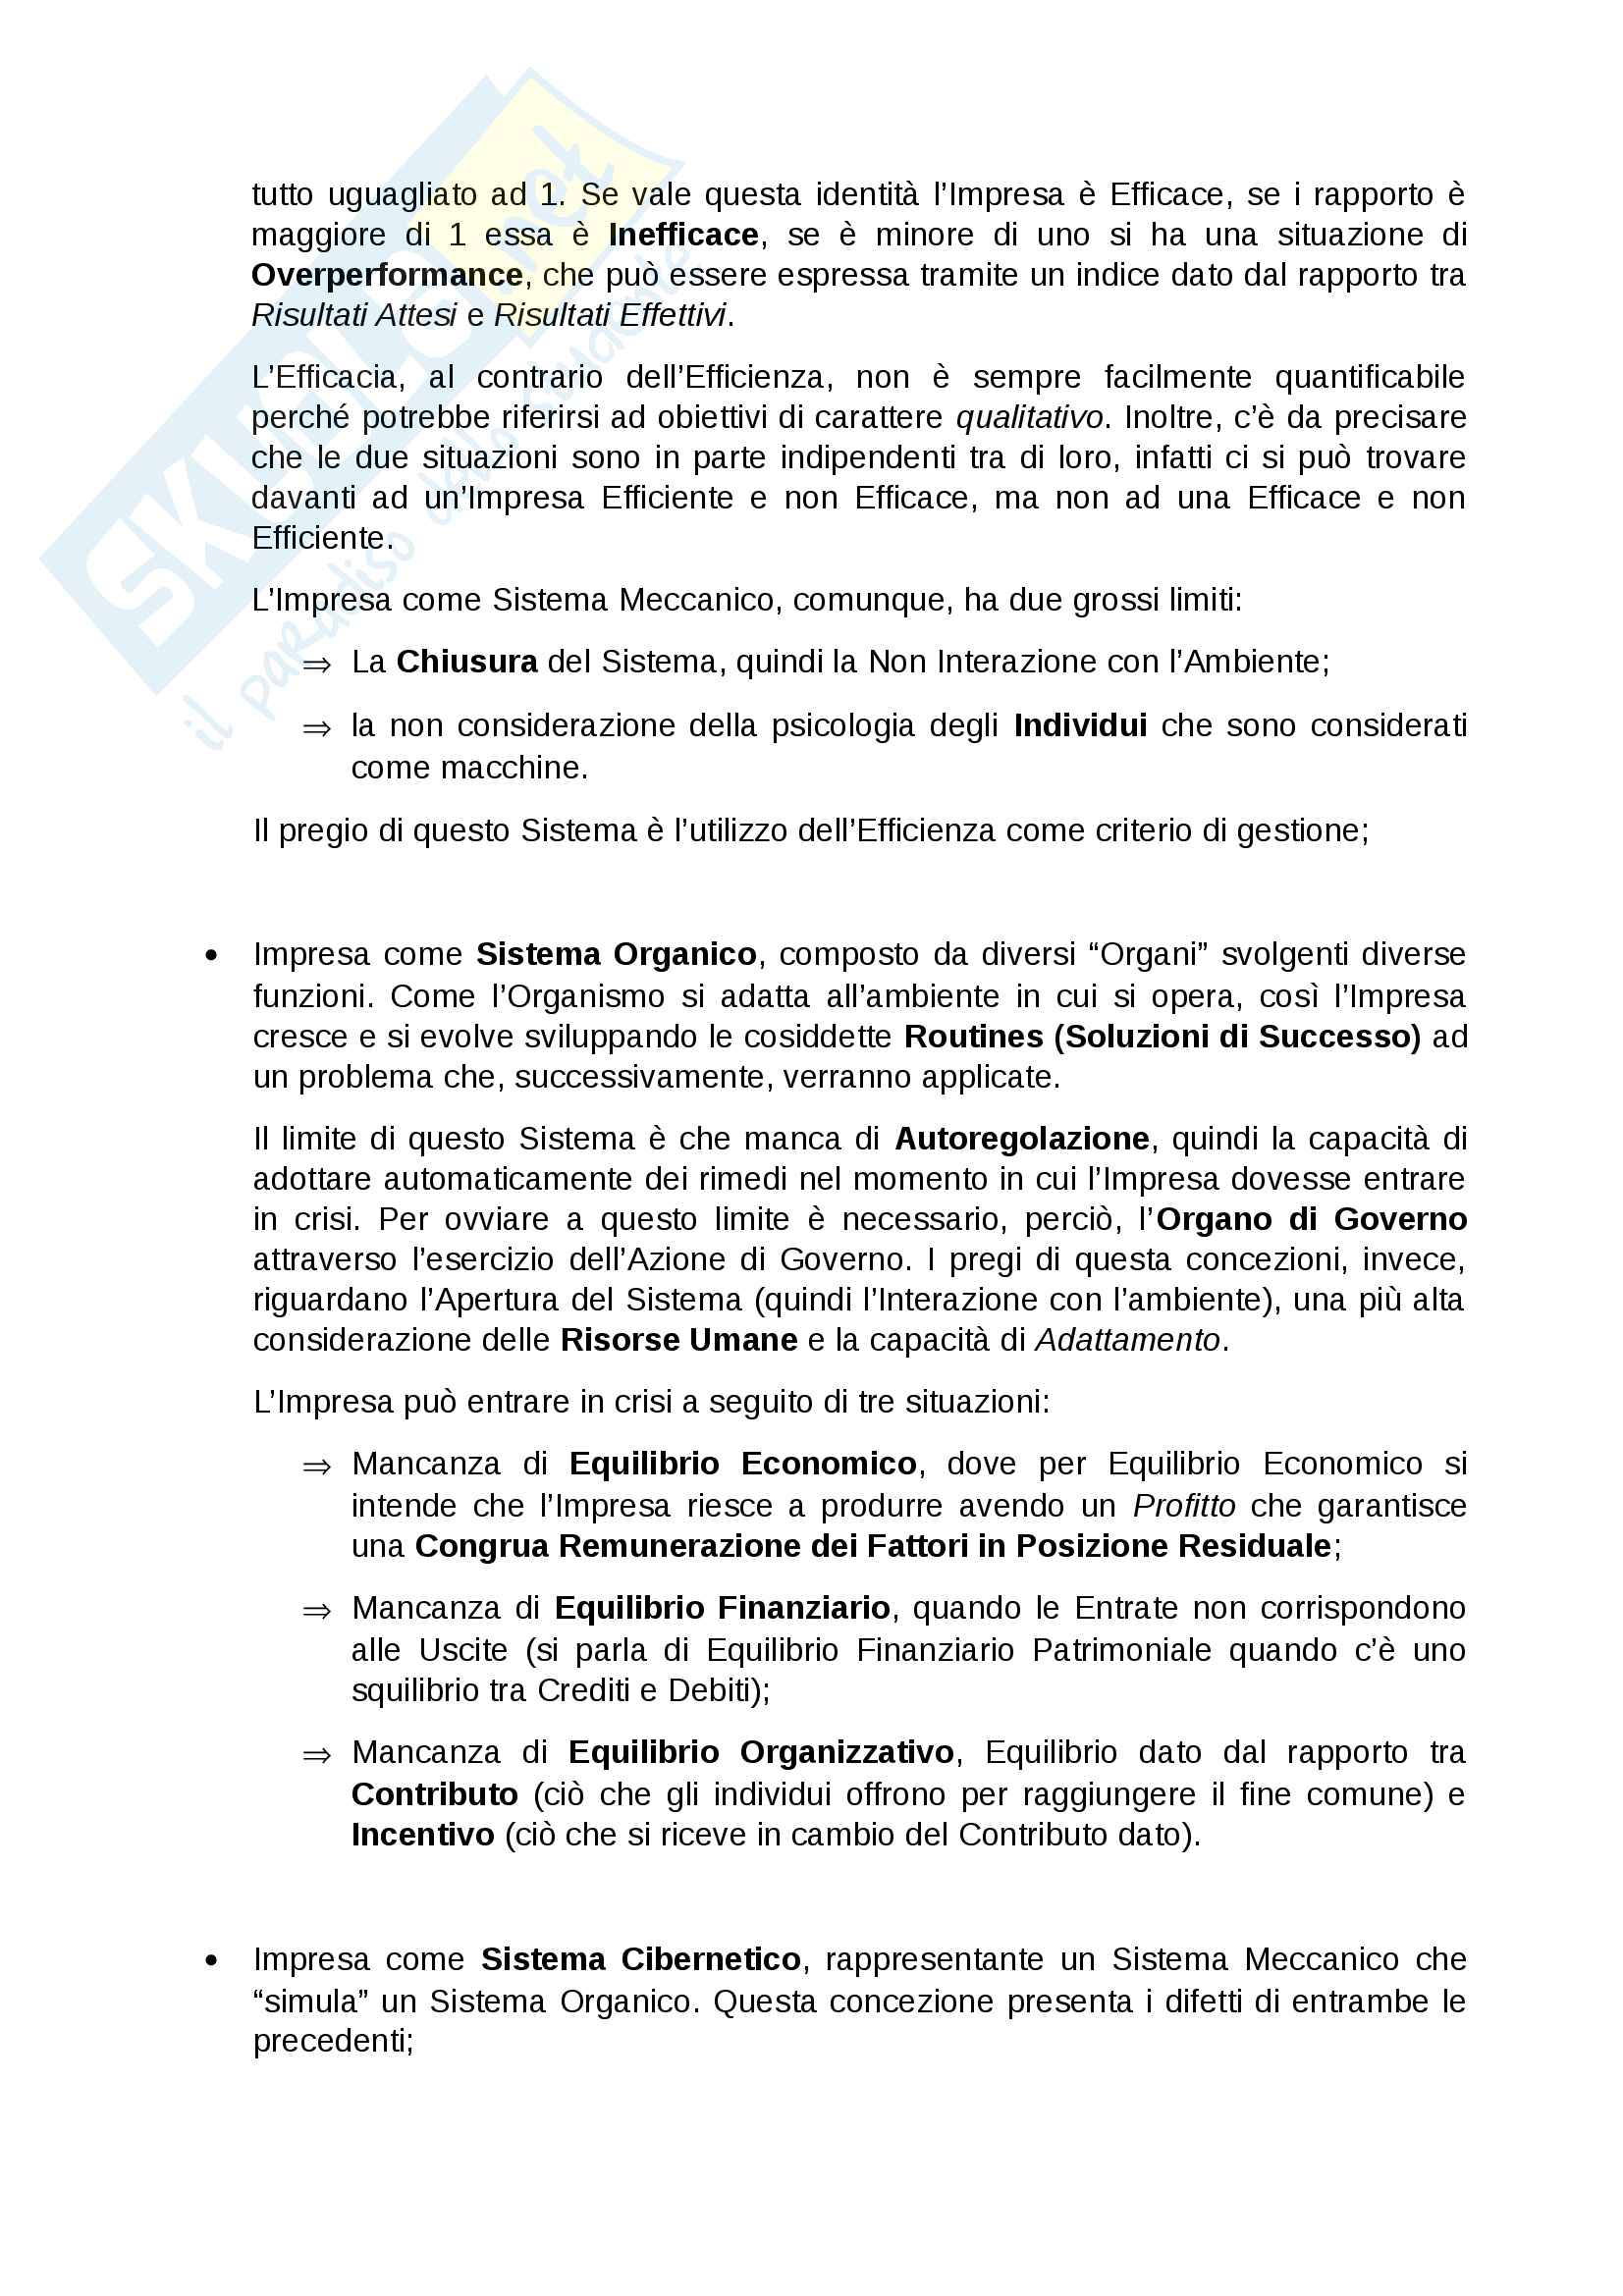 Appunti economia e gestione delle imprese parte 1, prof. gatti/vagnani Pag. 2